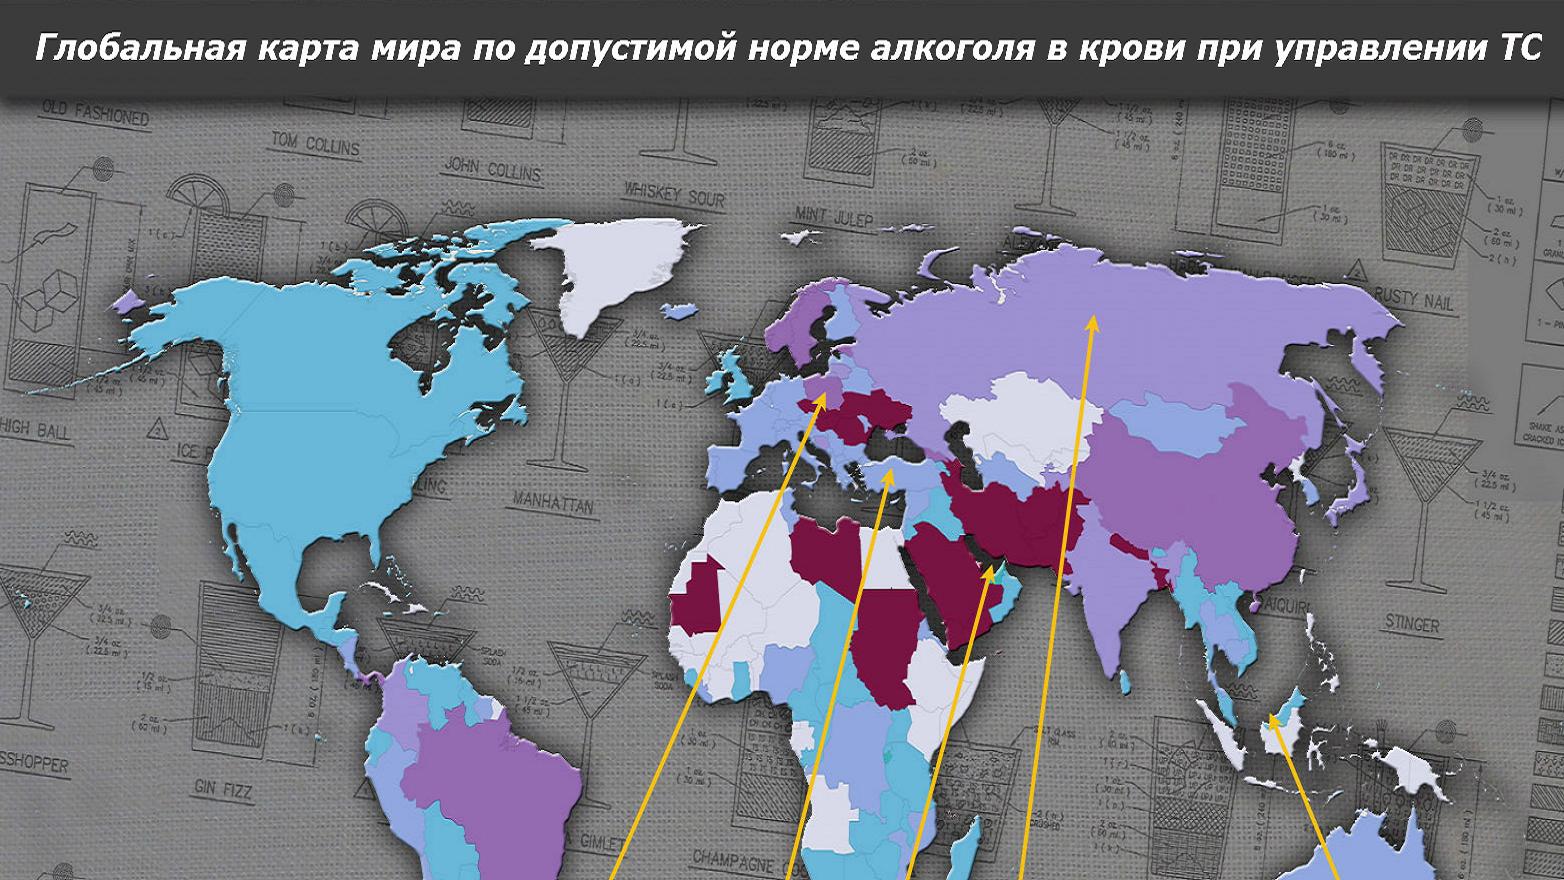 Допустимое содержание алкоголя в крови 2015 в России